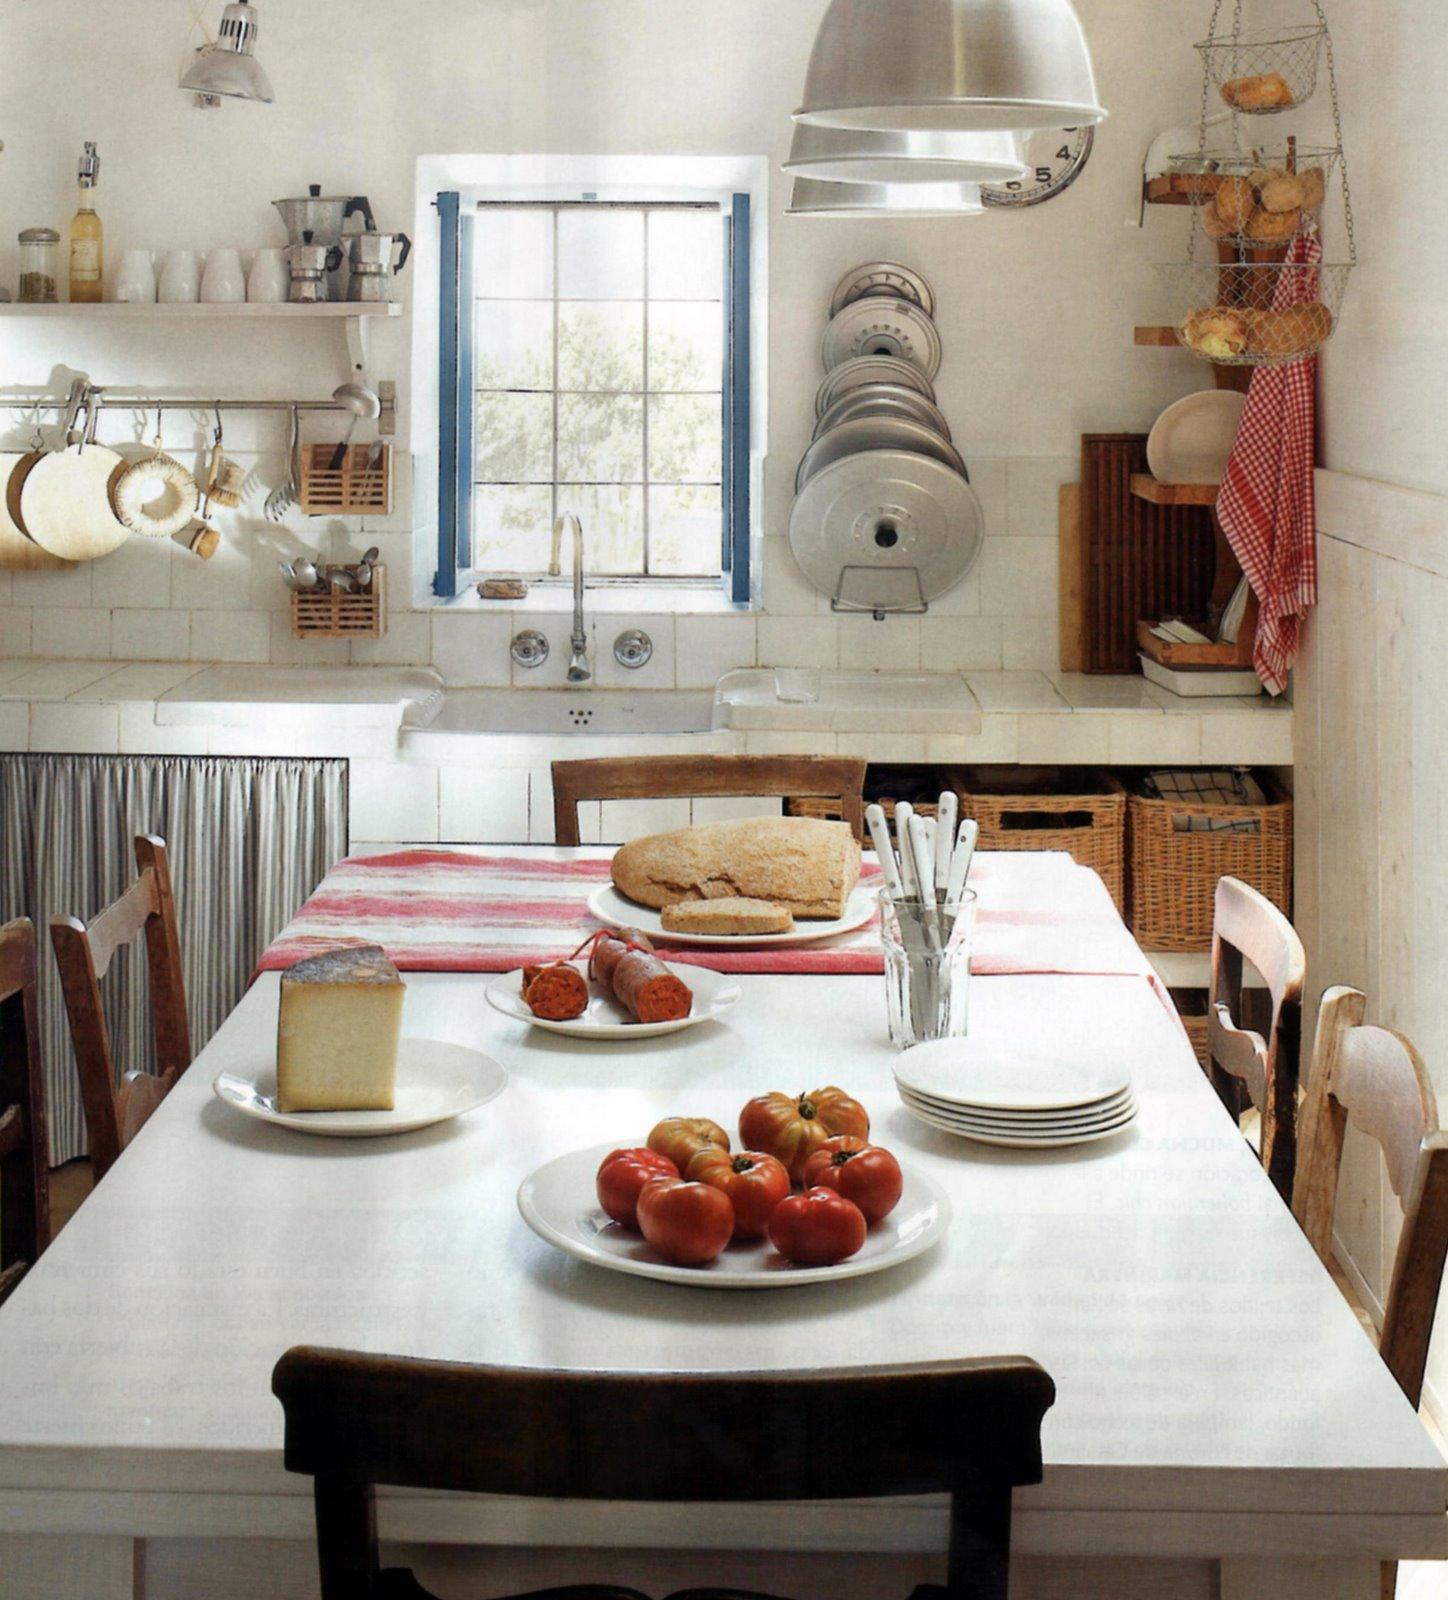 En mi espacio vital muebles recuperados y decoraci n - Casas decoracion vintage ...